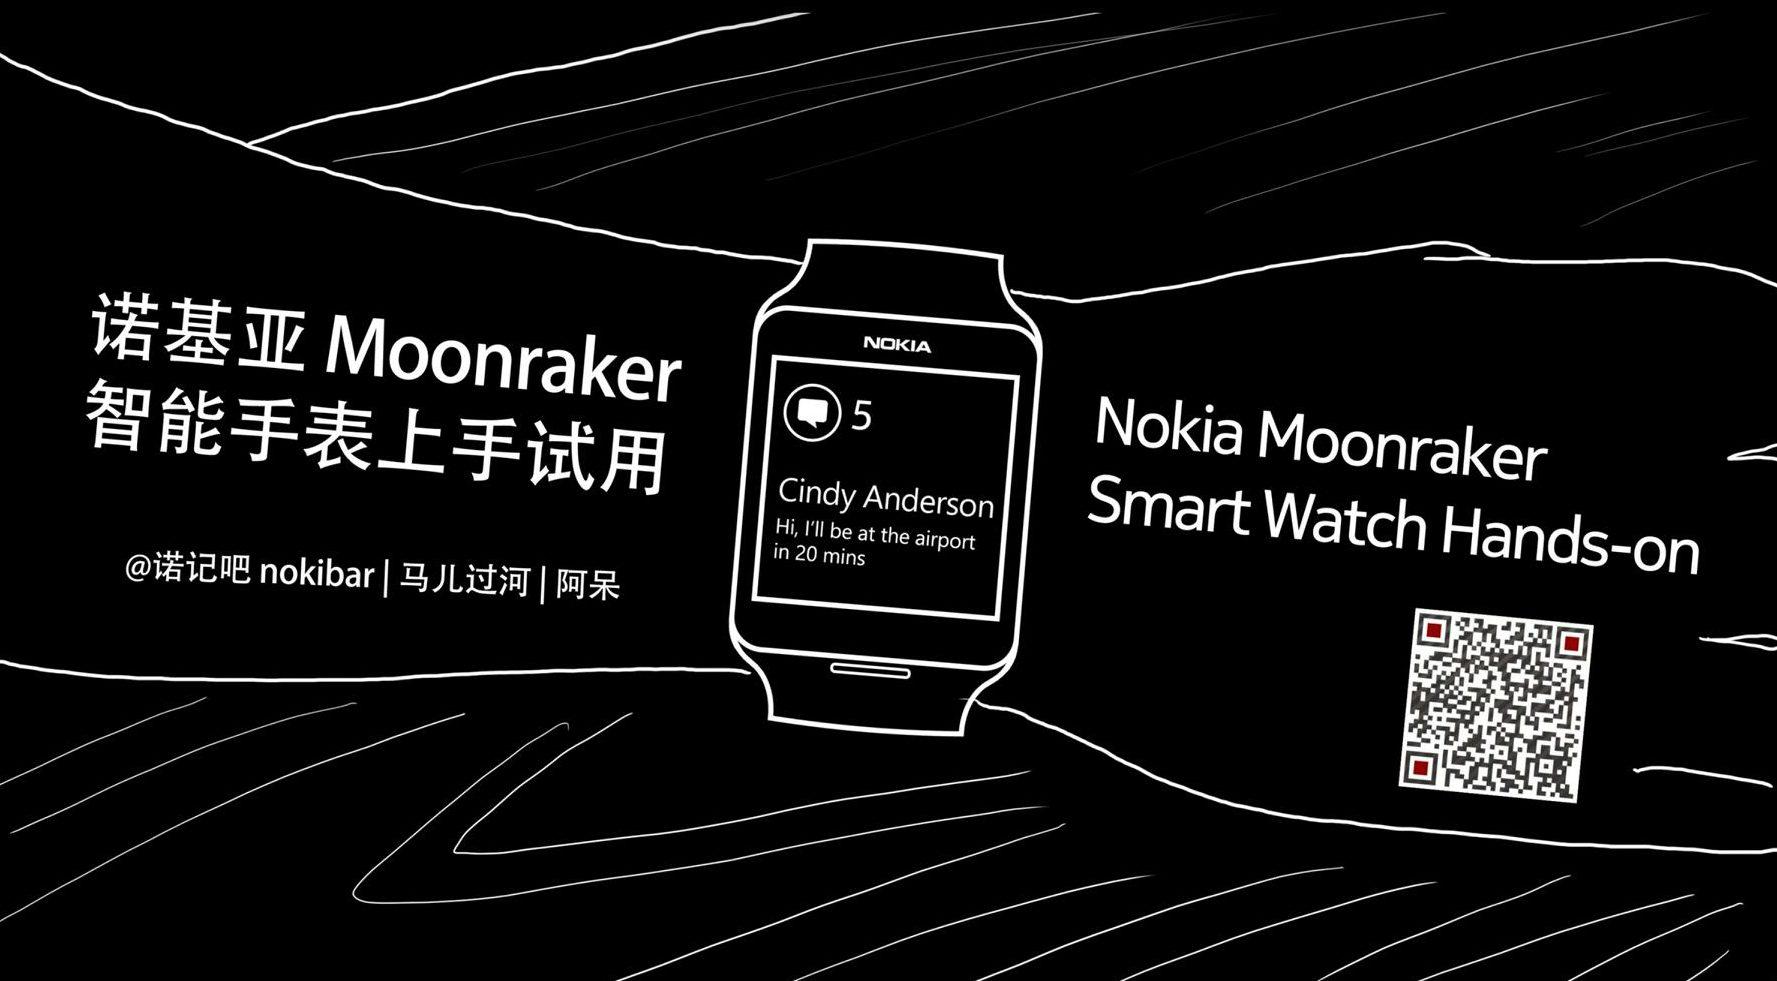 Nokia Moonraker